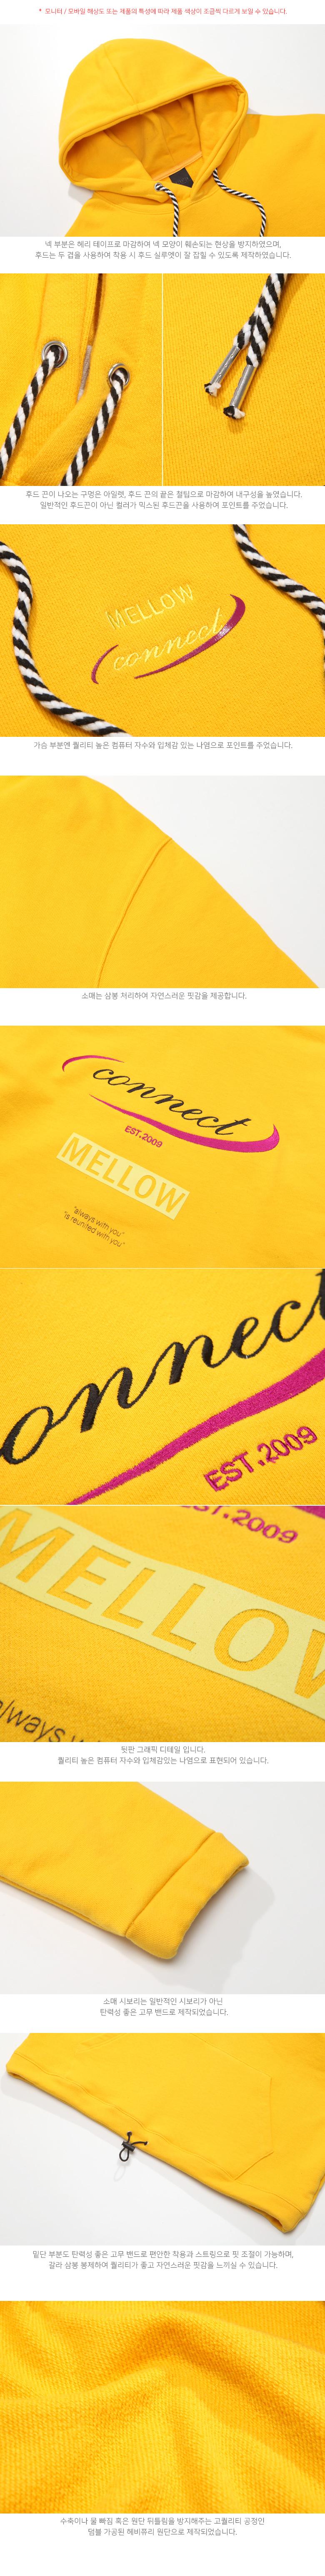 20190826_ez_mellow_detail_yellow_je_02.jpg